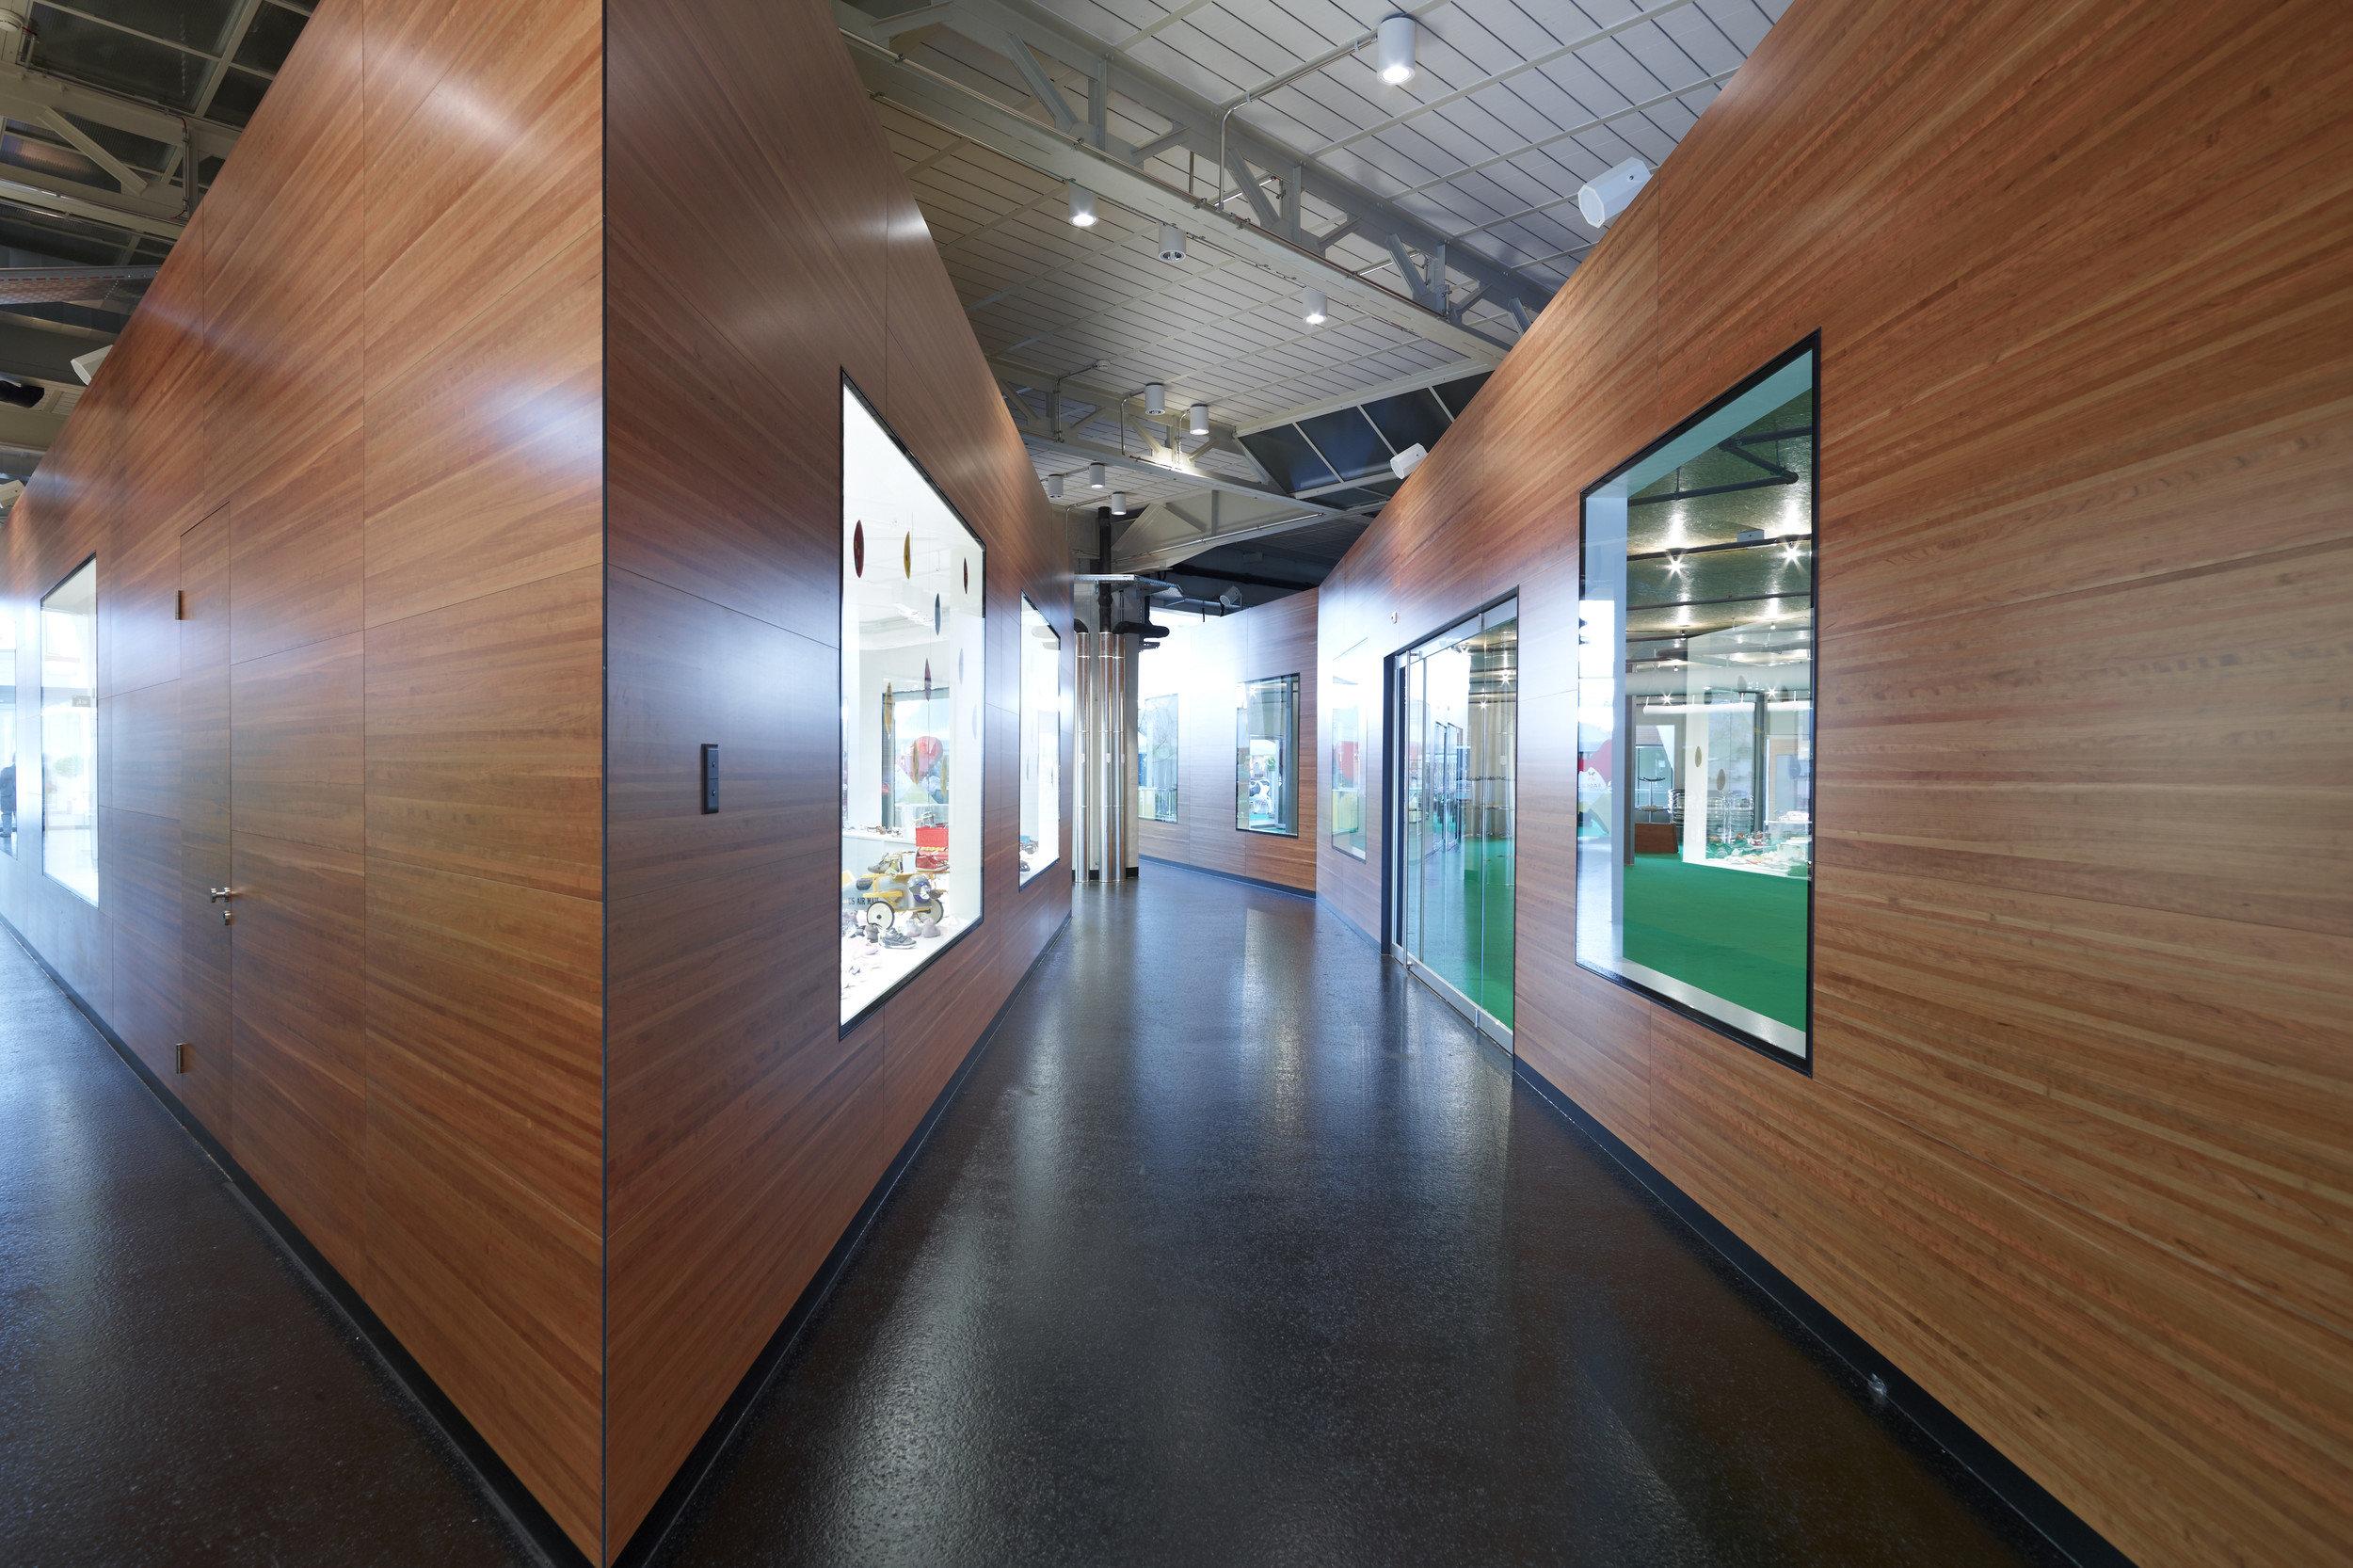 2 Shop-in-Shops aus Holz in Betonhalle mit grossen beleuchteten Fenstern